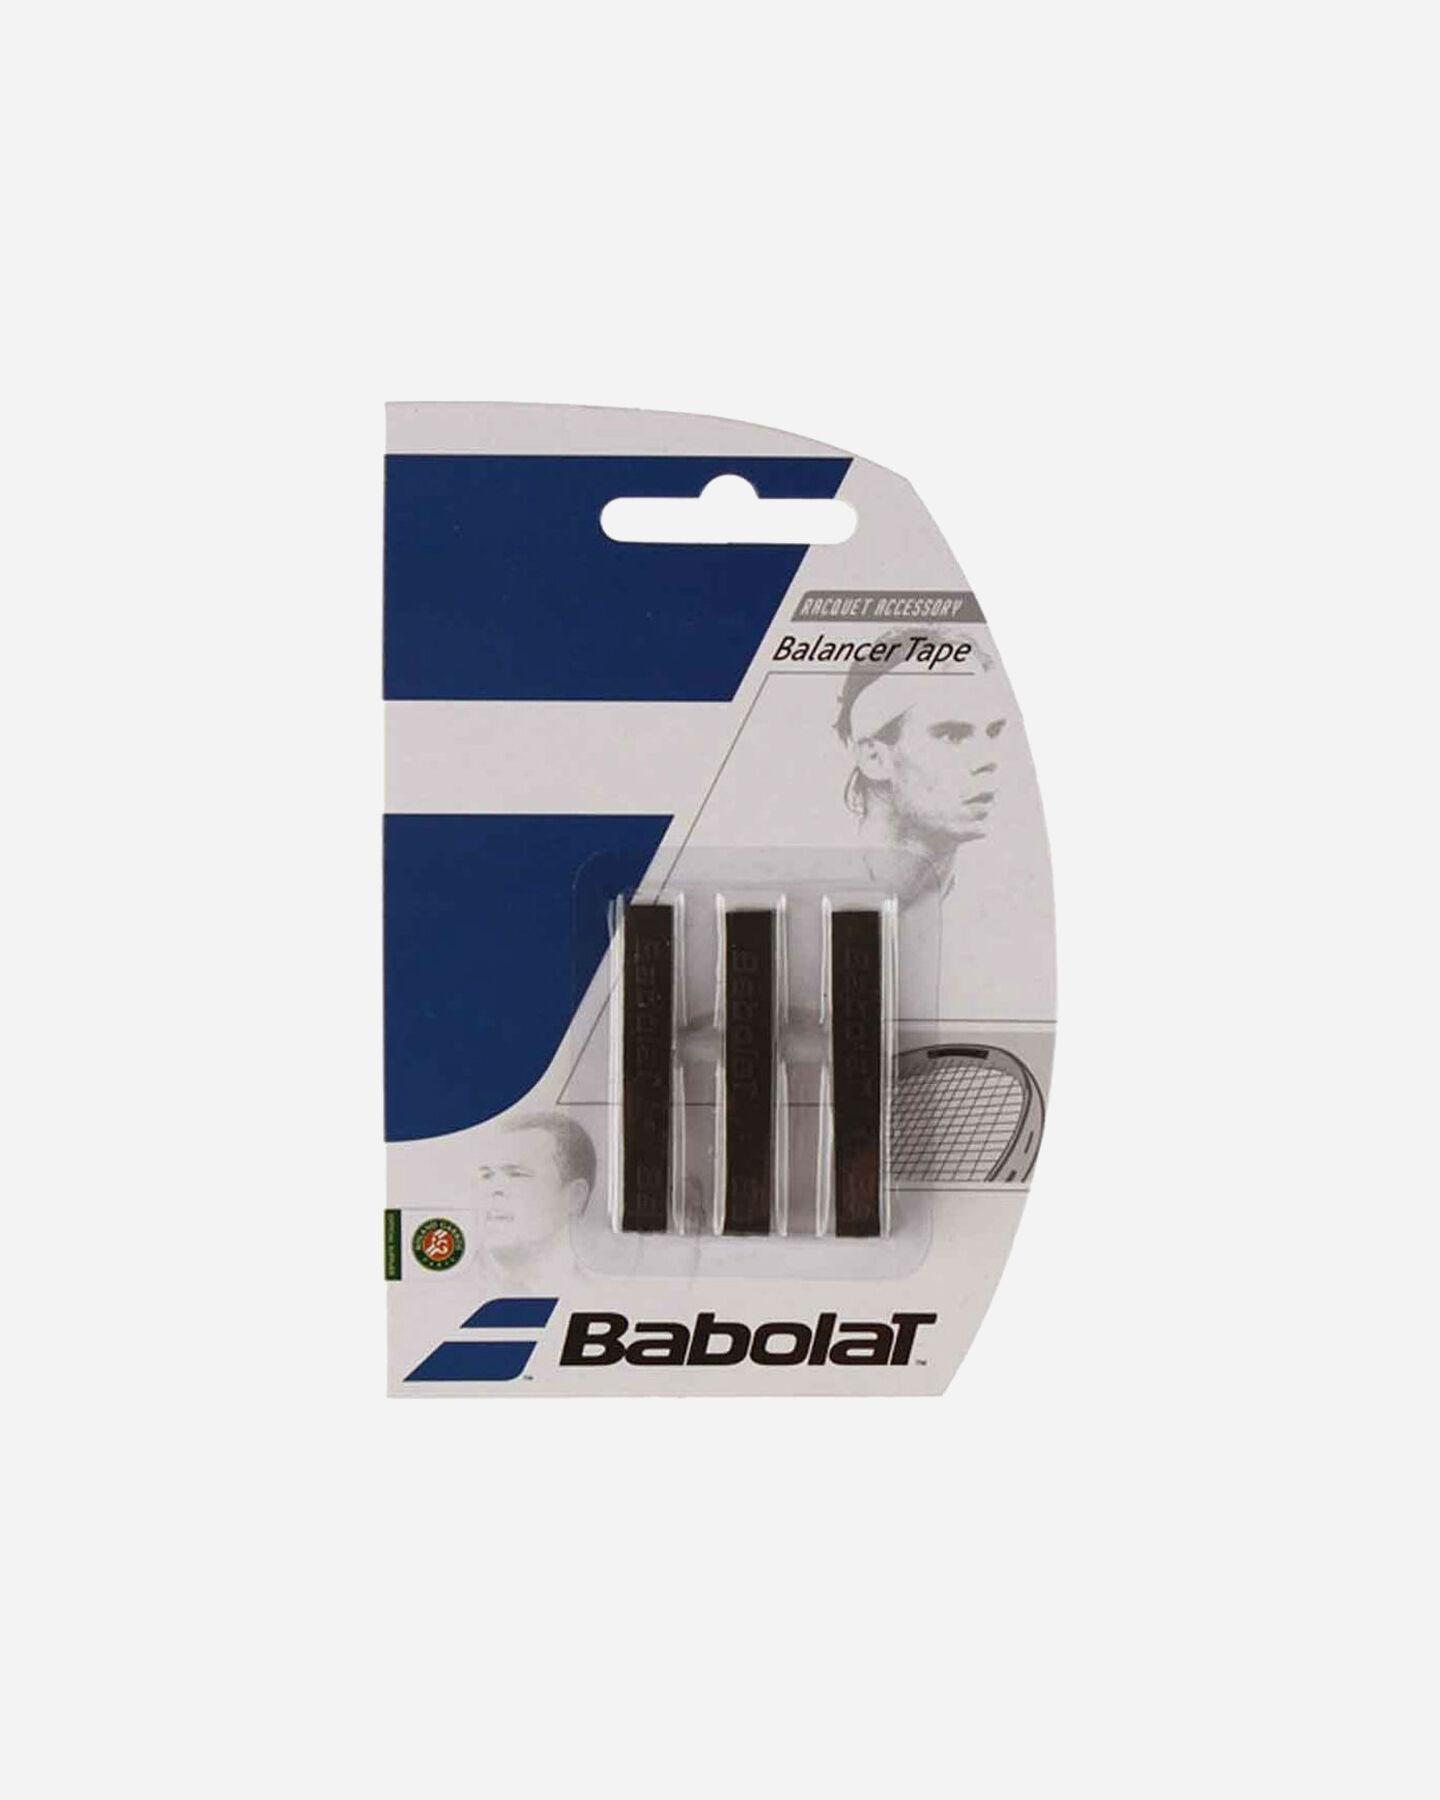 Accessorio tennis BABOLAT BALANCER TAPE 3x3 S1260789 9999 UNI scatto 0